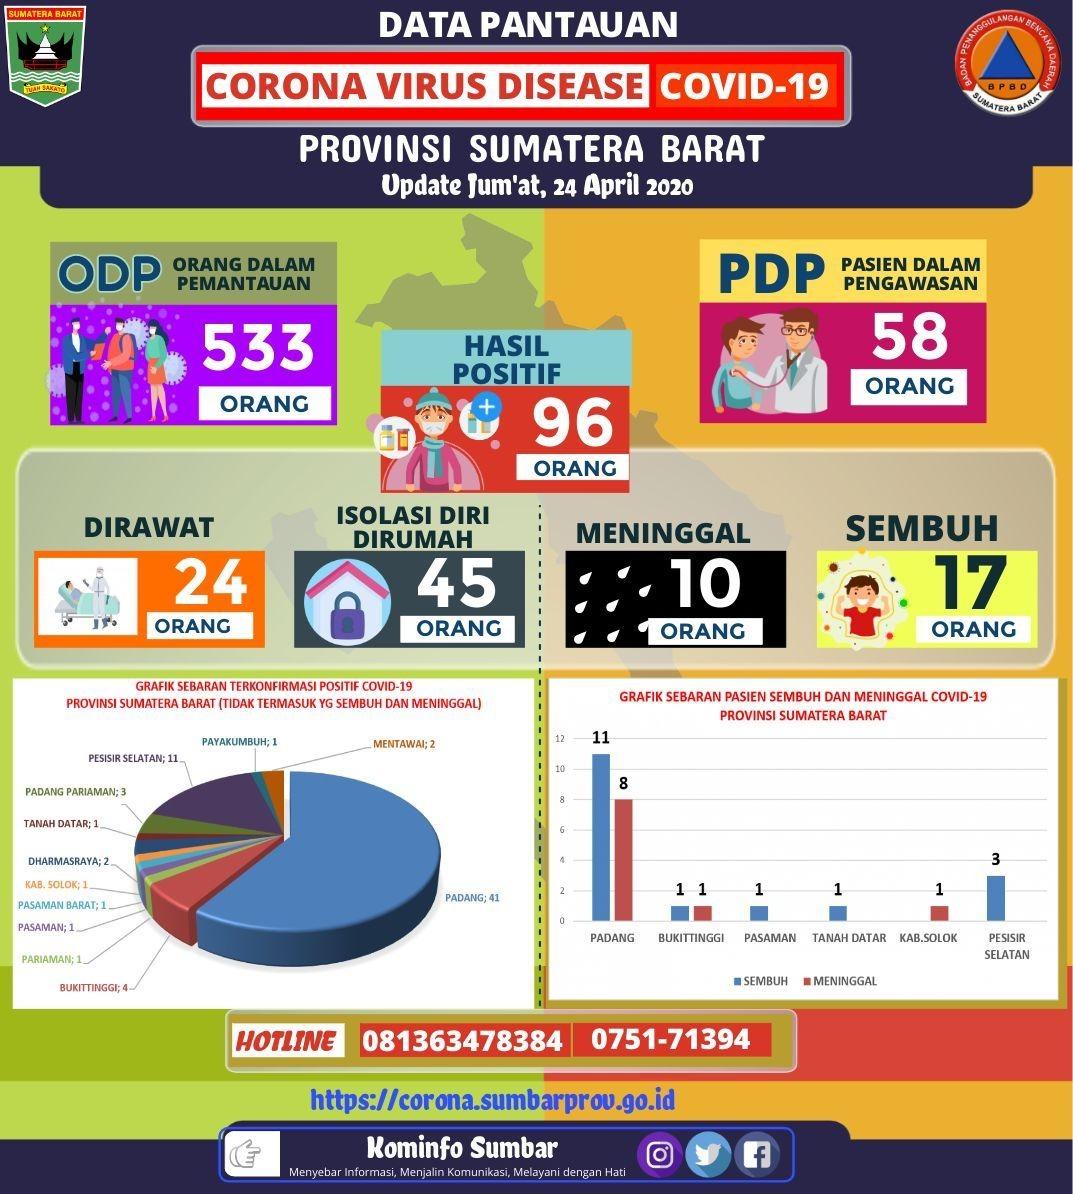 Update pantauan Virus Corona Provinsi Sumatera Barat Jumat, 24 April 2020